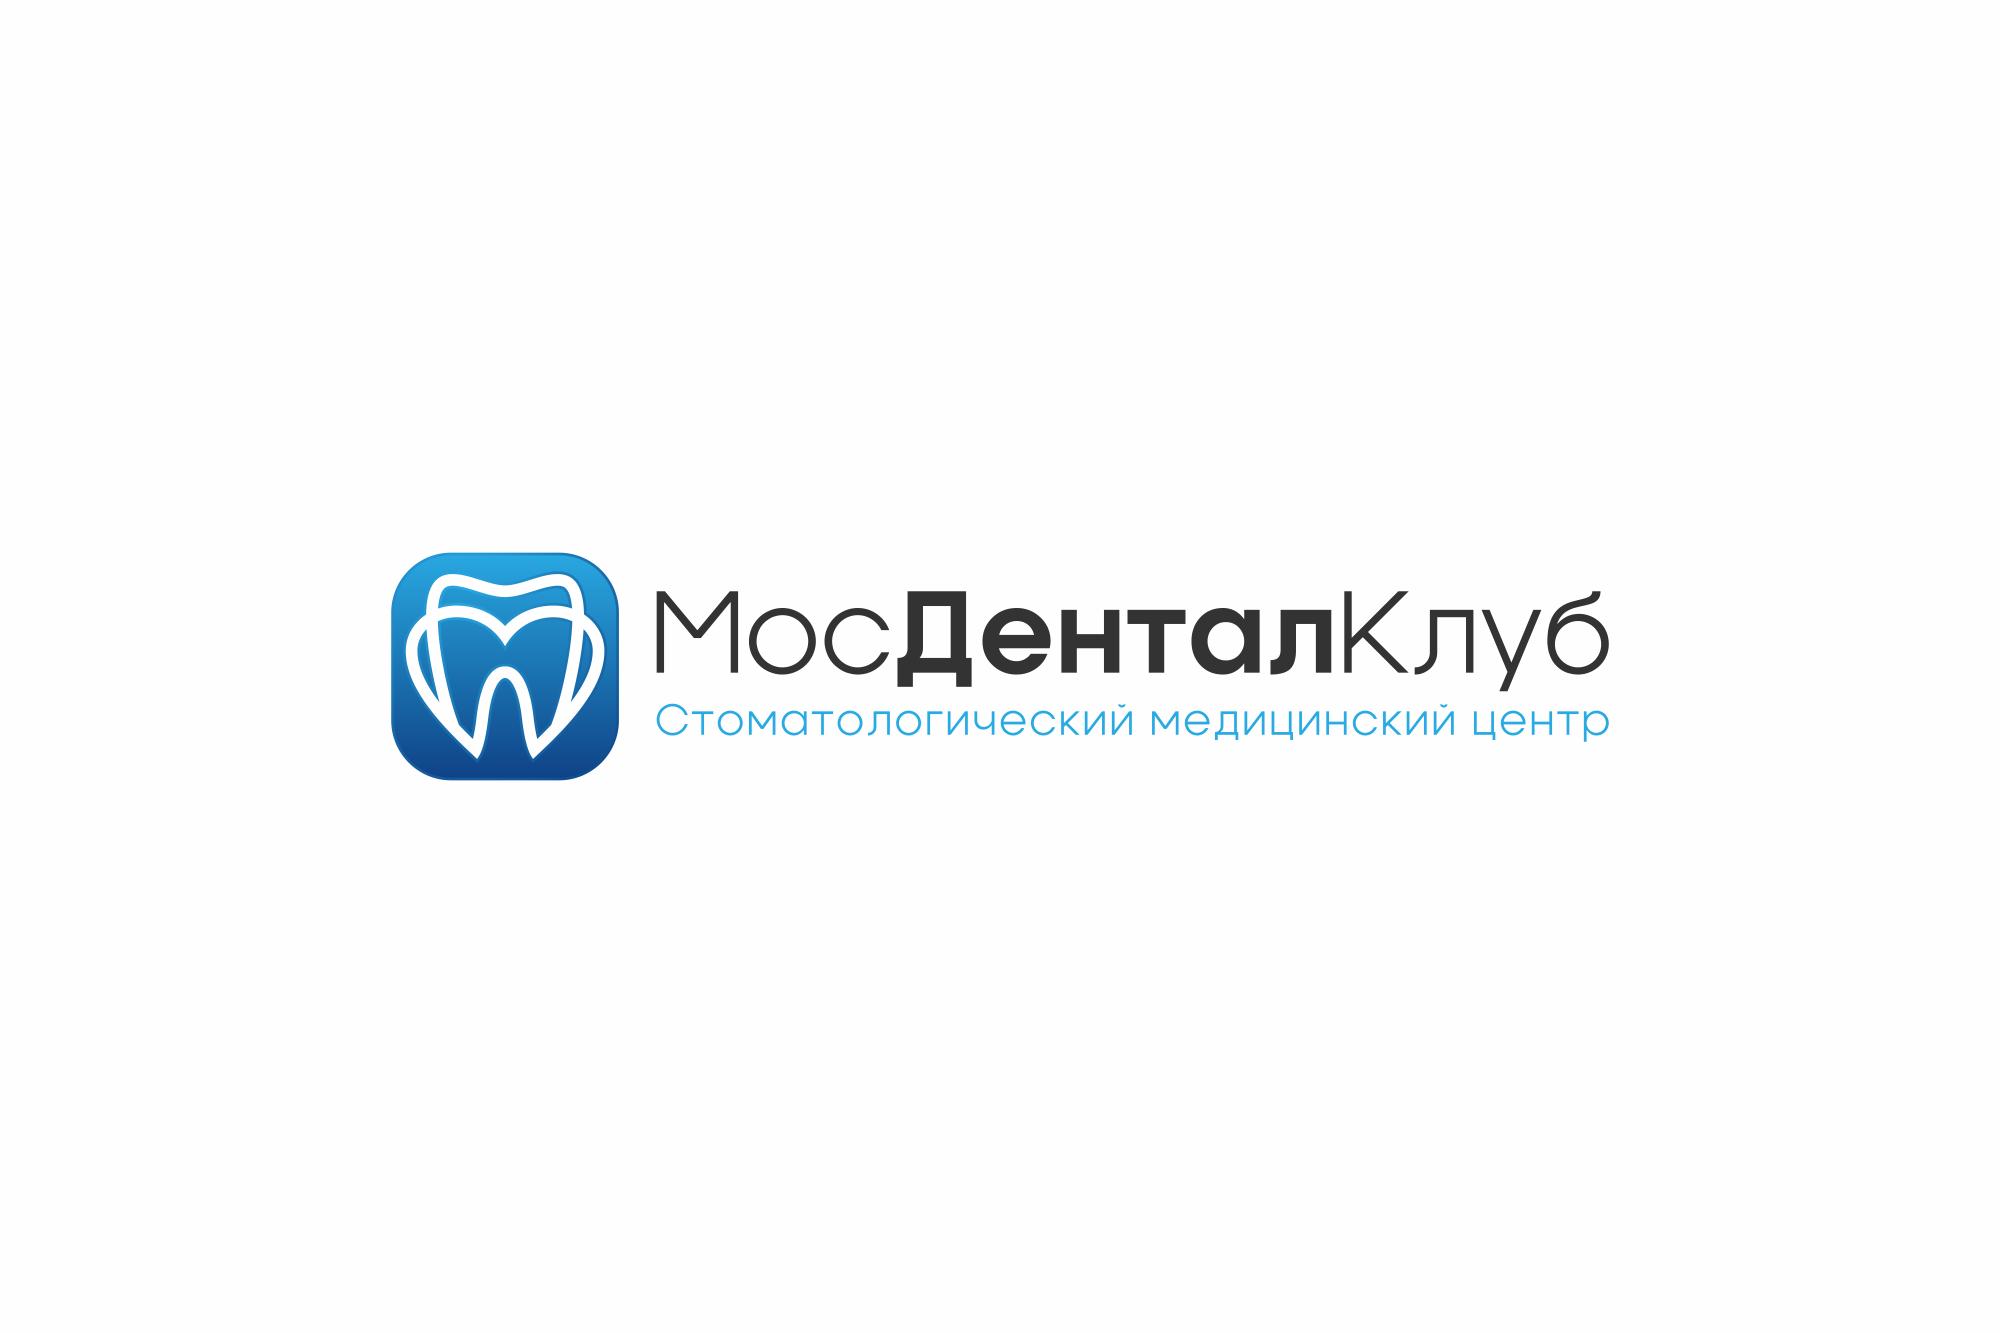 Разработка логотипа стоматологического медицинского центра фото f_3345e4eb2d971da9.jpg